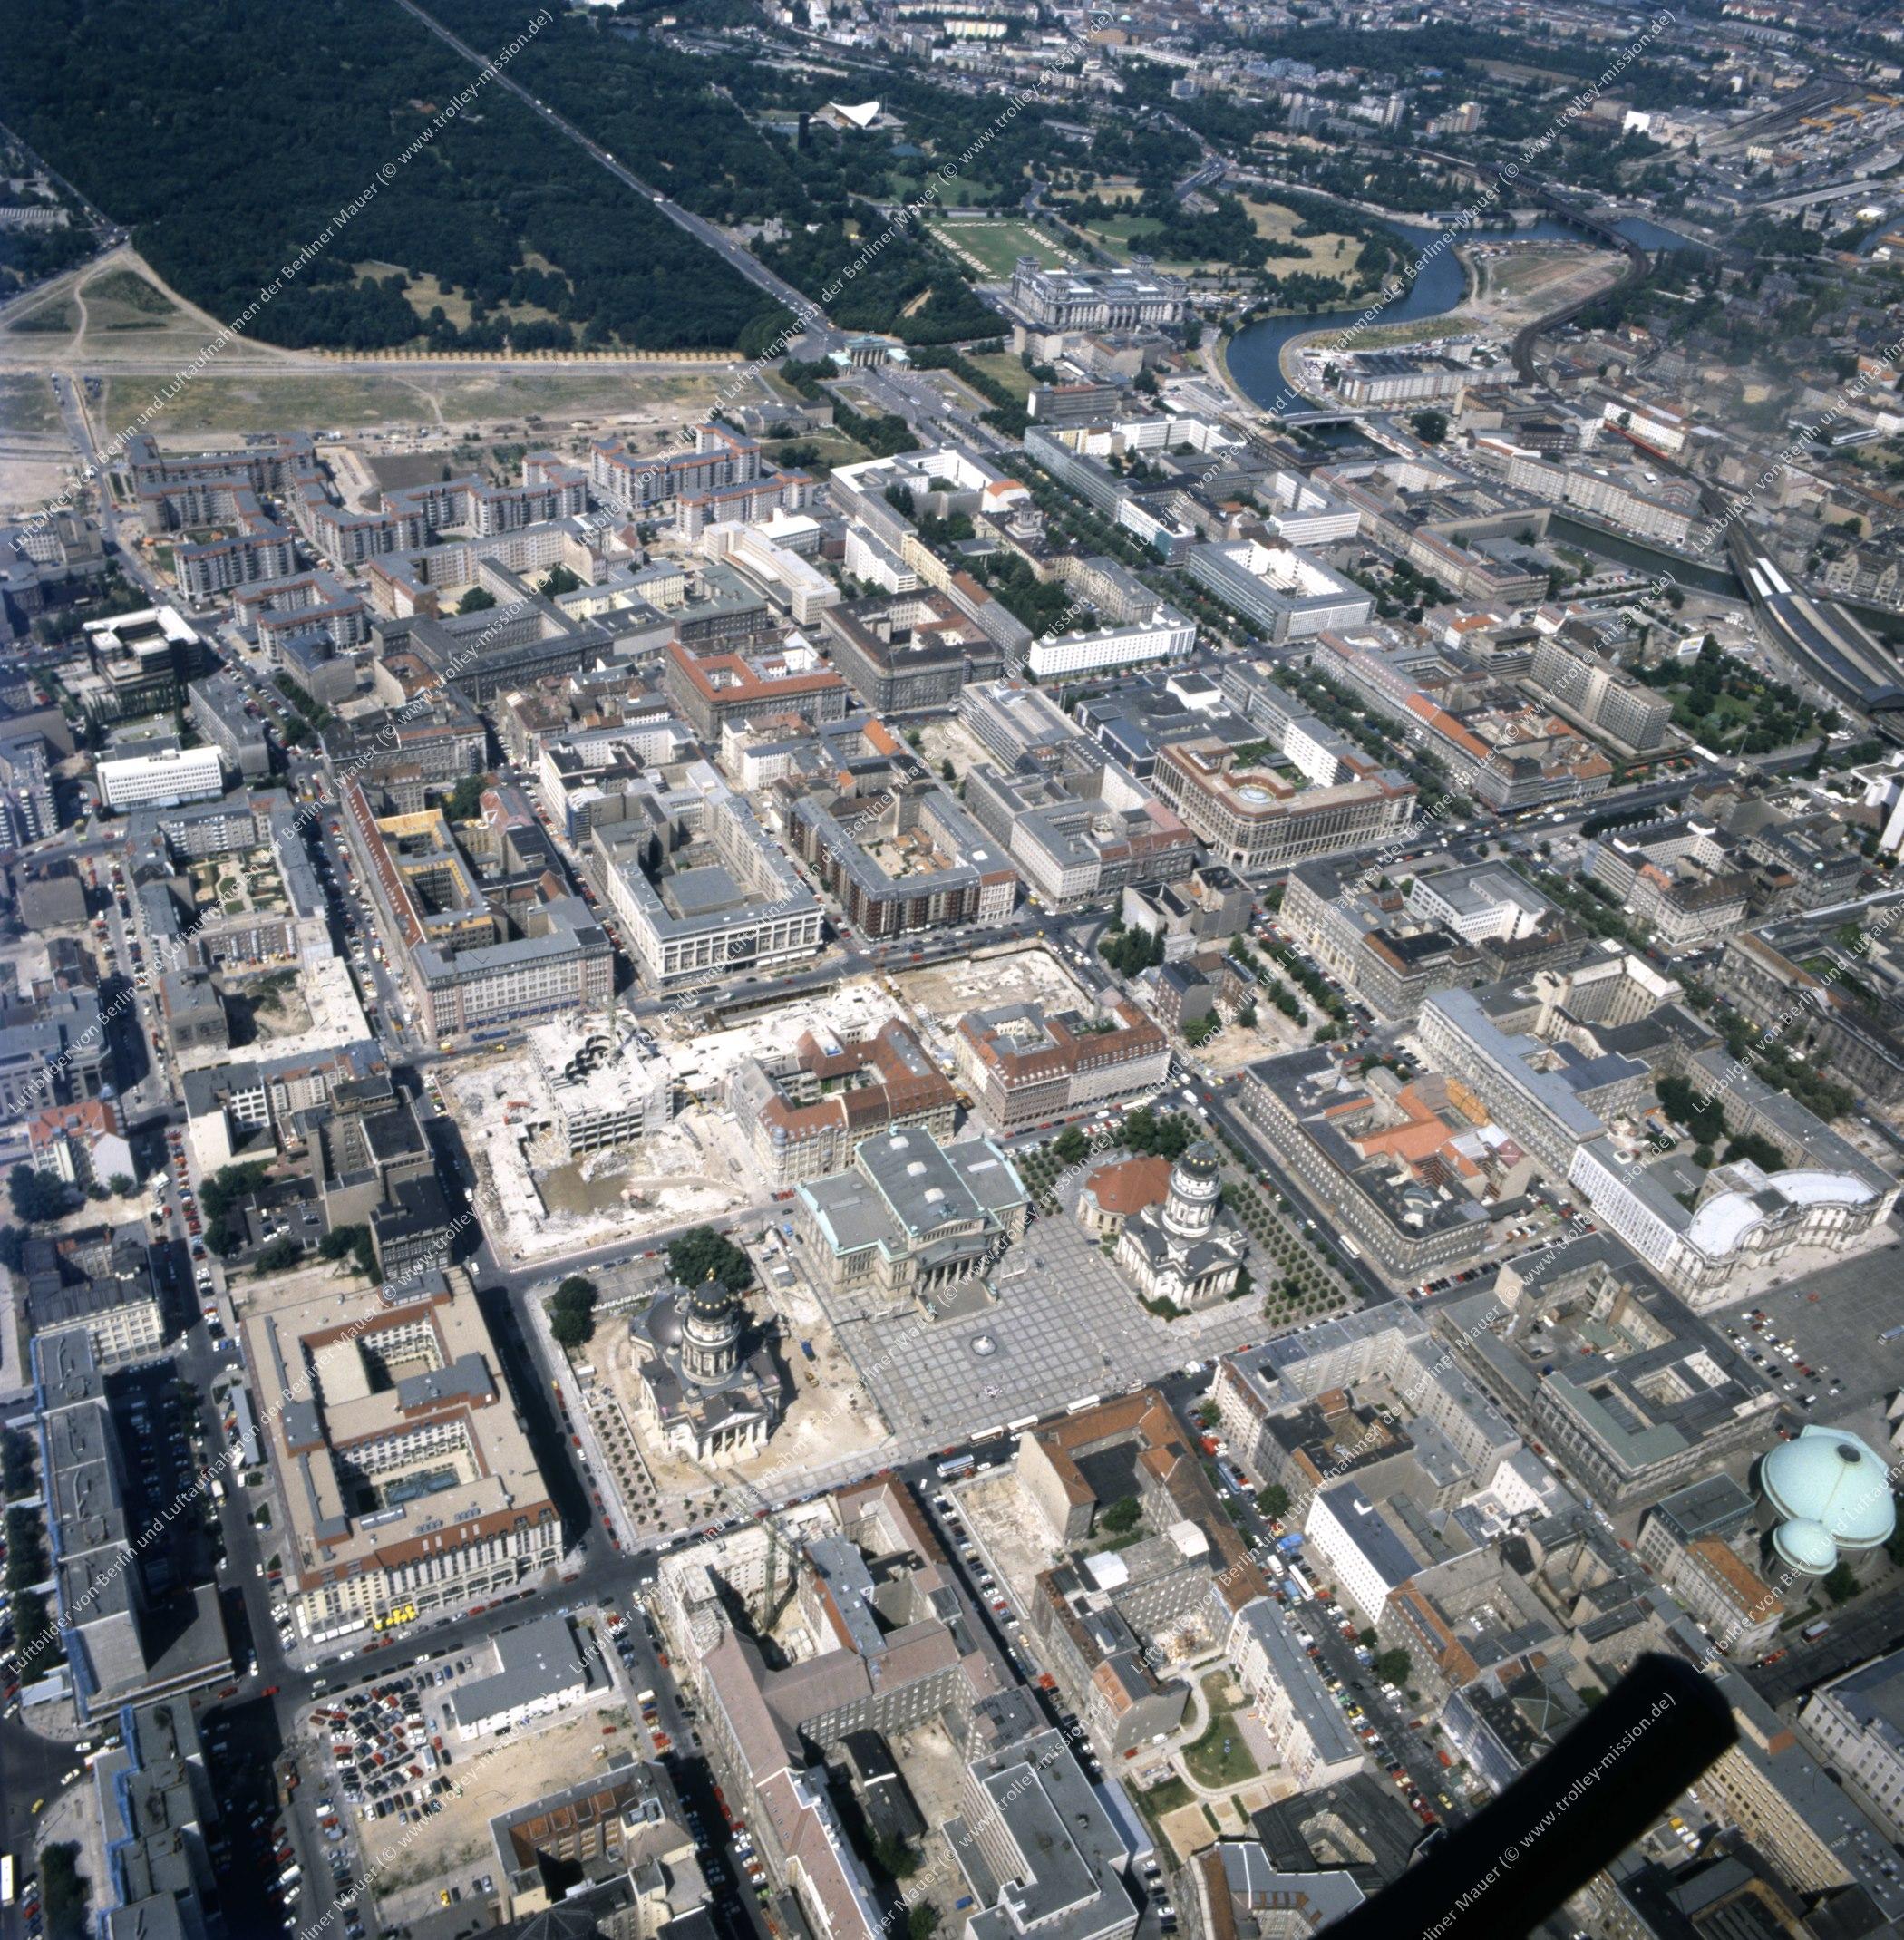 Gendarmenmarkt in Berlin - Luftbild nach der deutschen Wiedervereinigung (Bild 144)